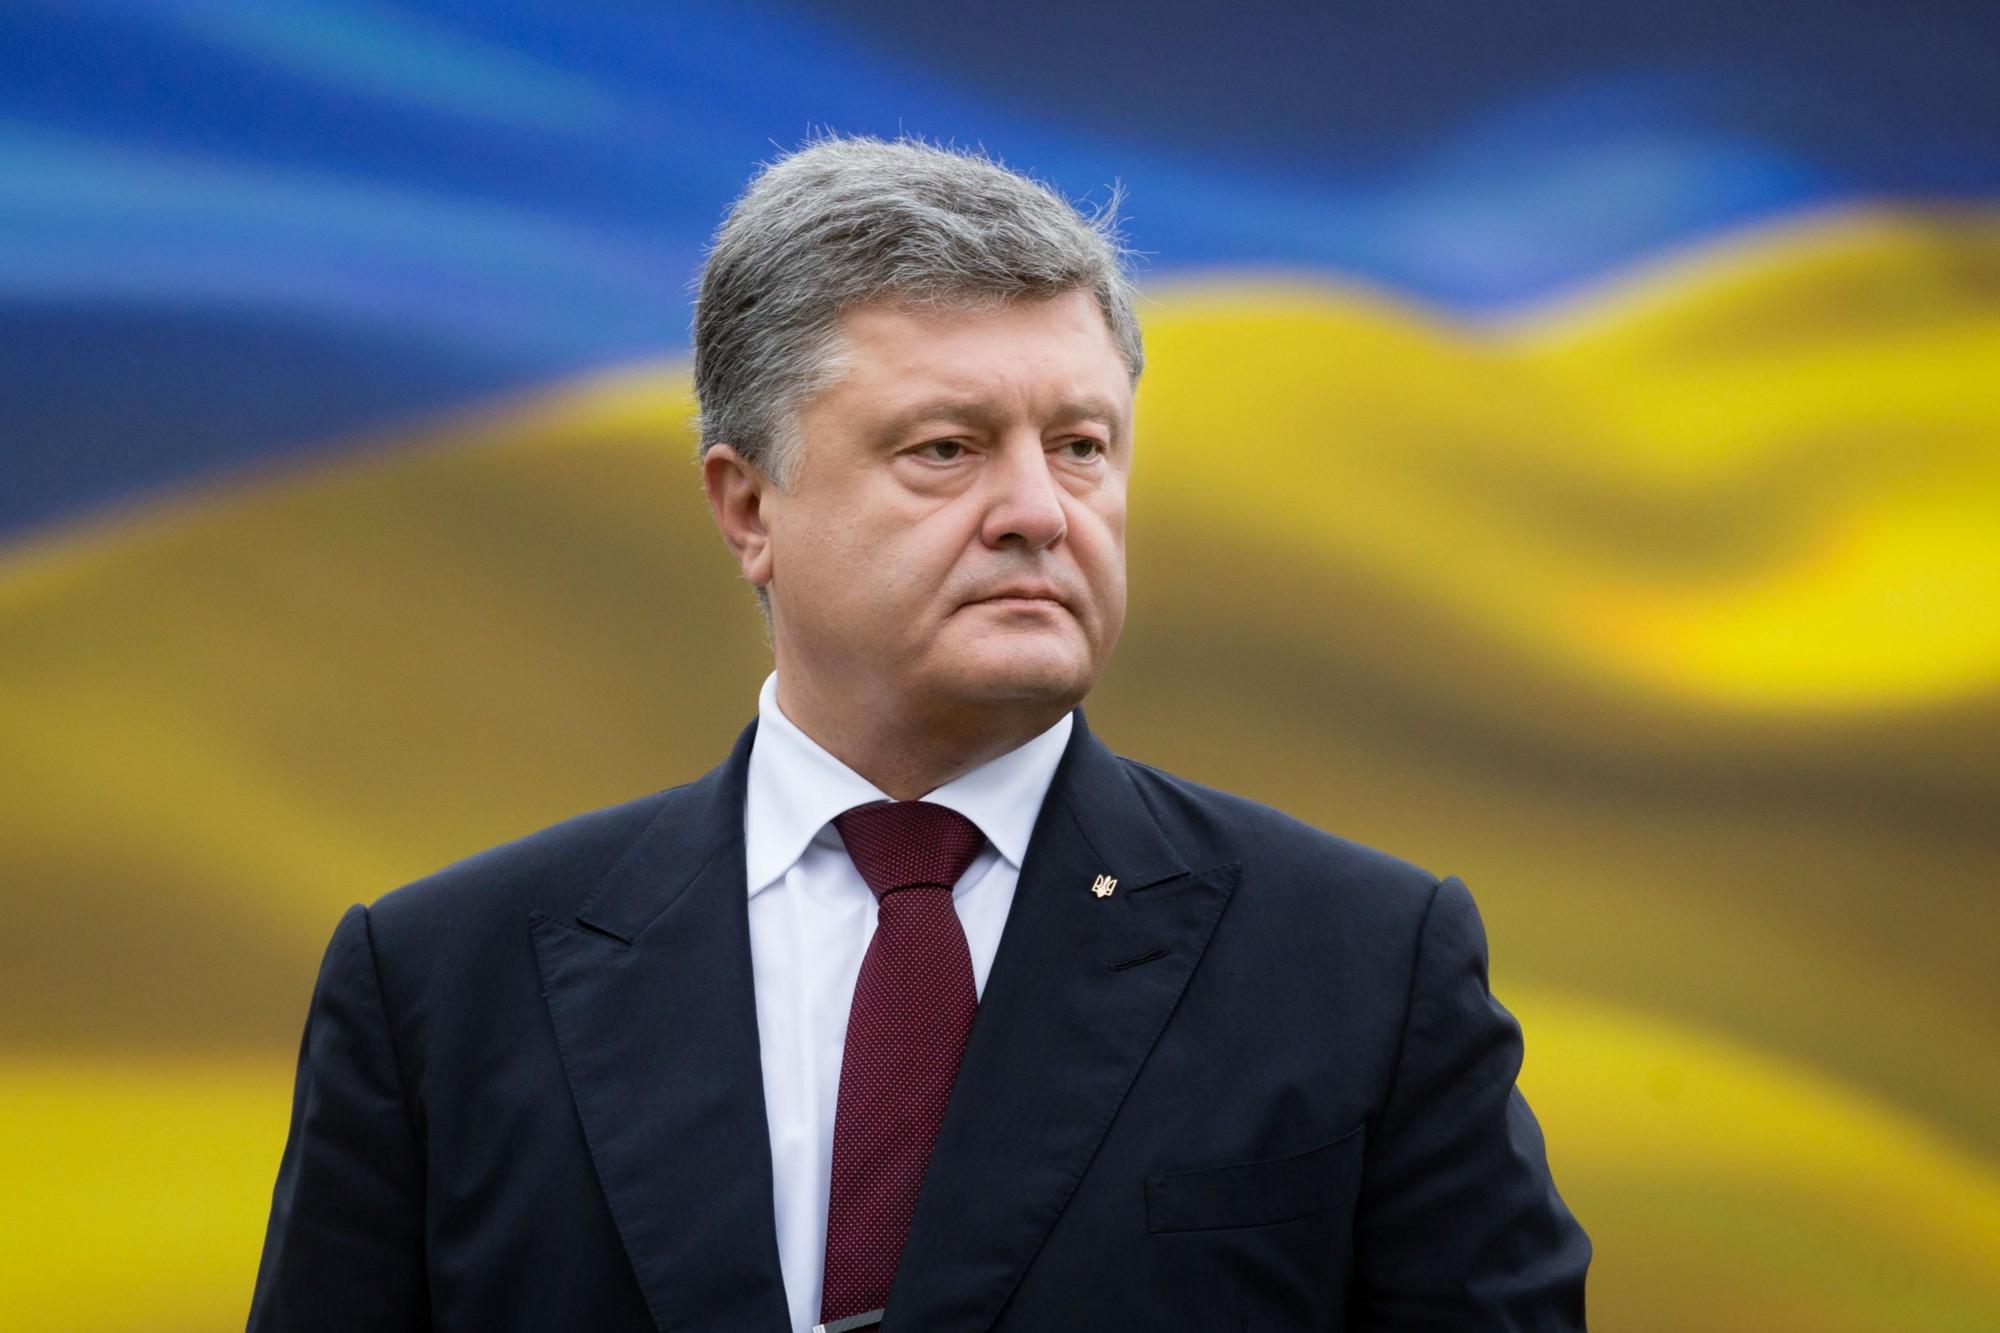 Порошенко готовит кардинальное решение по православной церкви в Украине: источник рассказал важные подробности